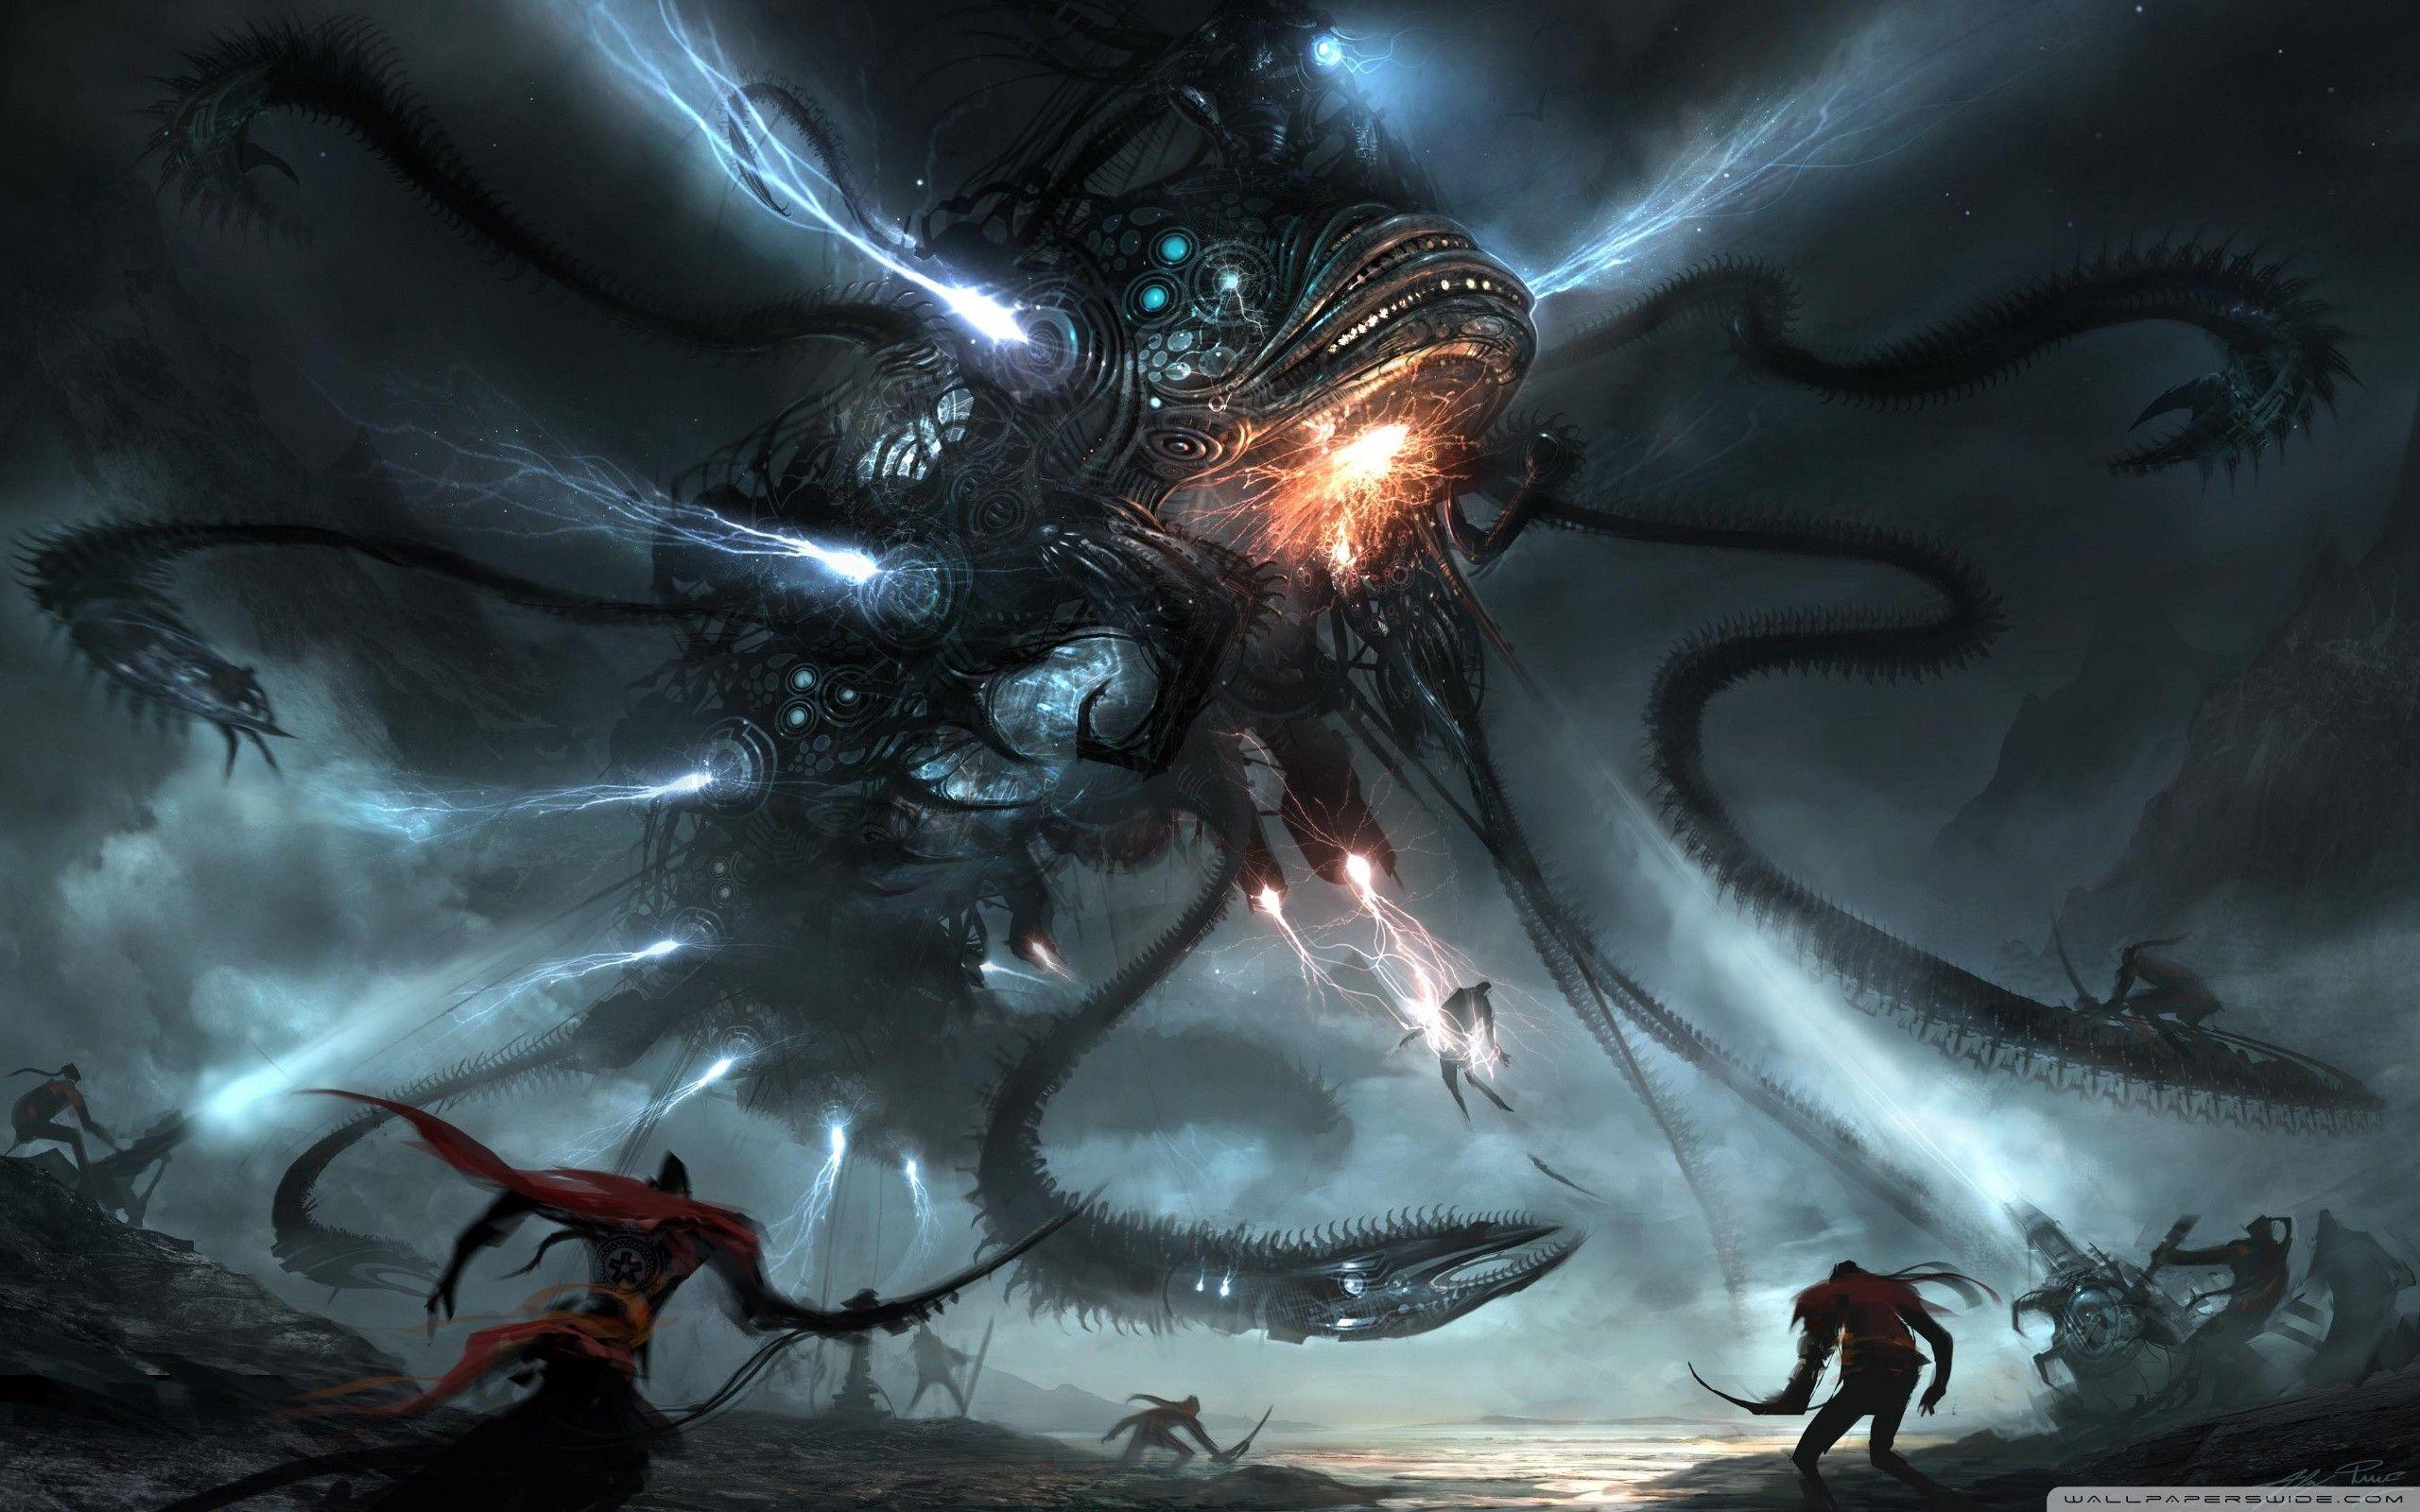 Kraken Fantasy Art 1080p Wallpaper Hdwallpaper Desktop Monster Pictures Ocean Monsters Dark Fantasy Art